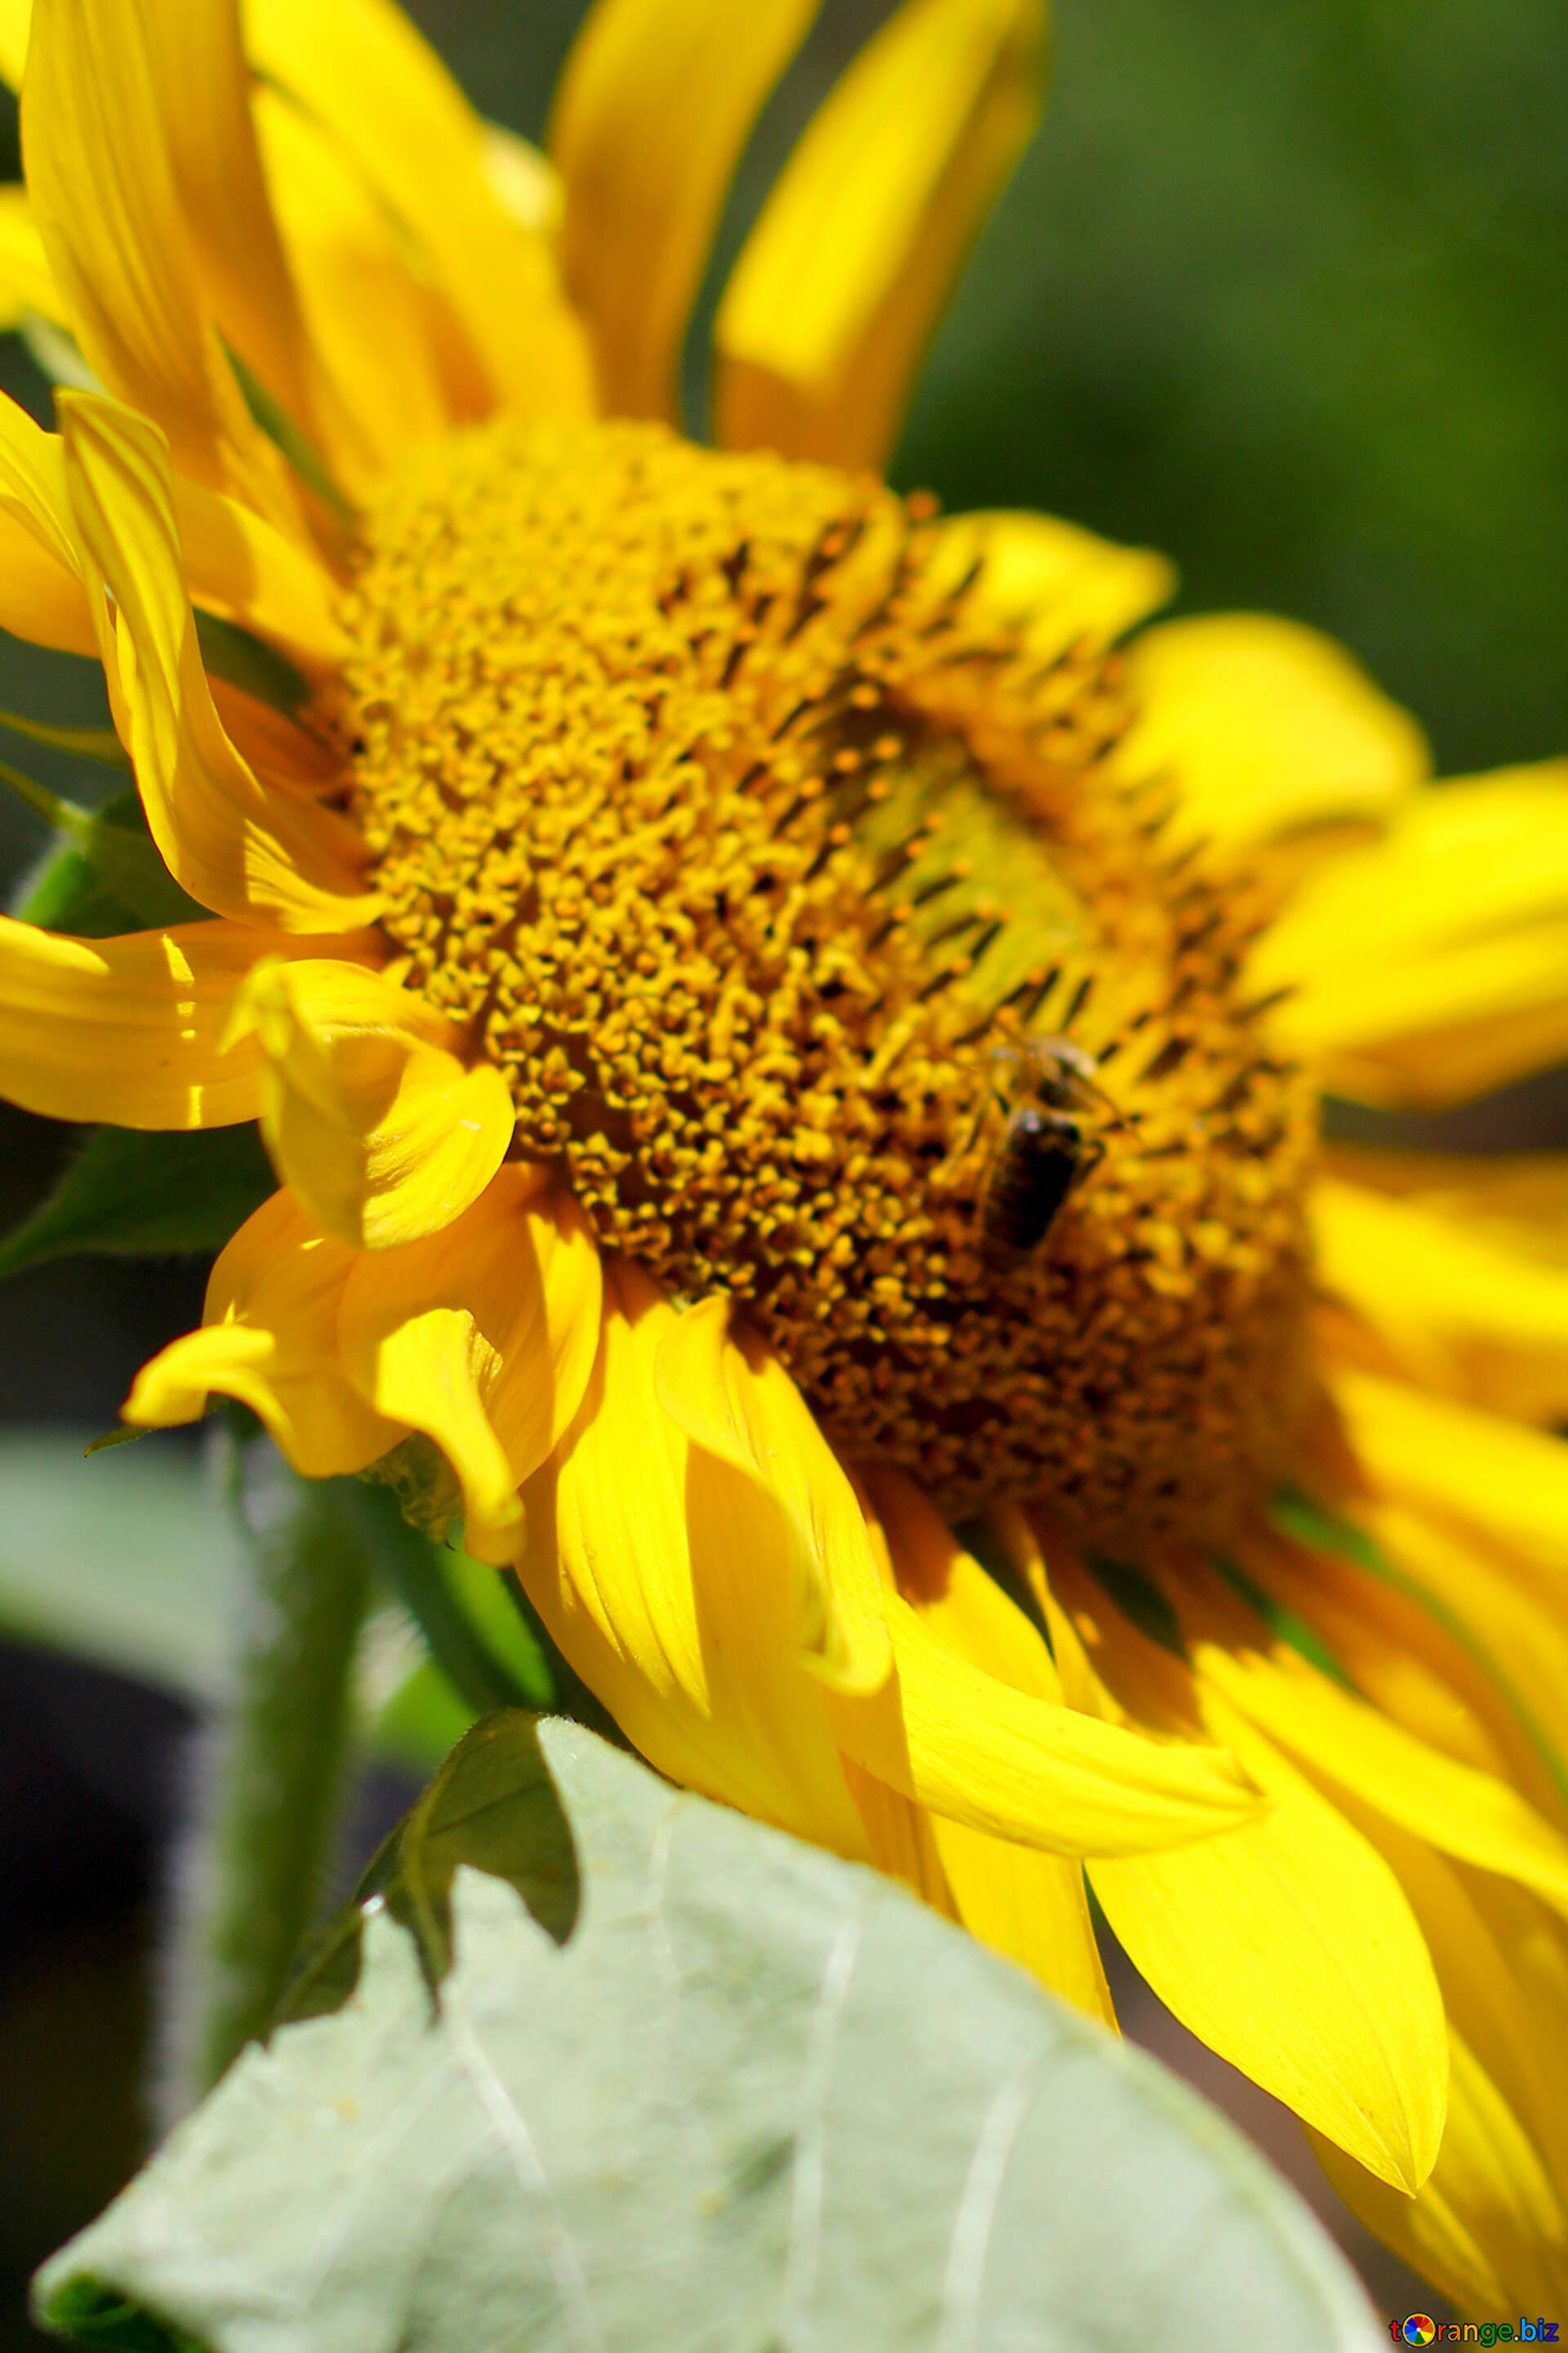 Flowers Sunflower Desktop Wallpaper A Large Yellow Flower Sunflower